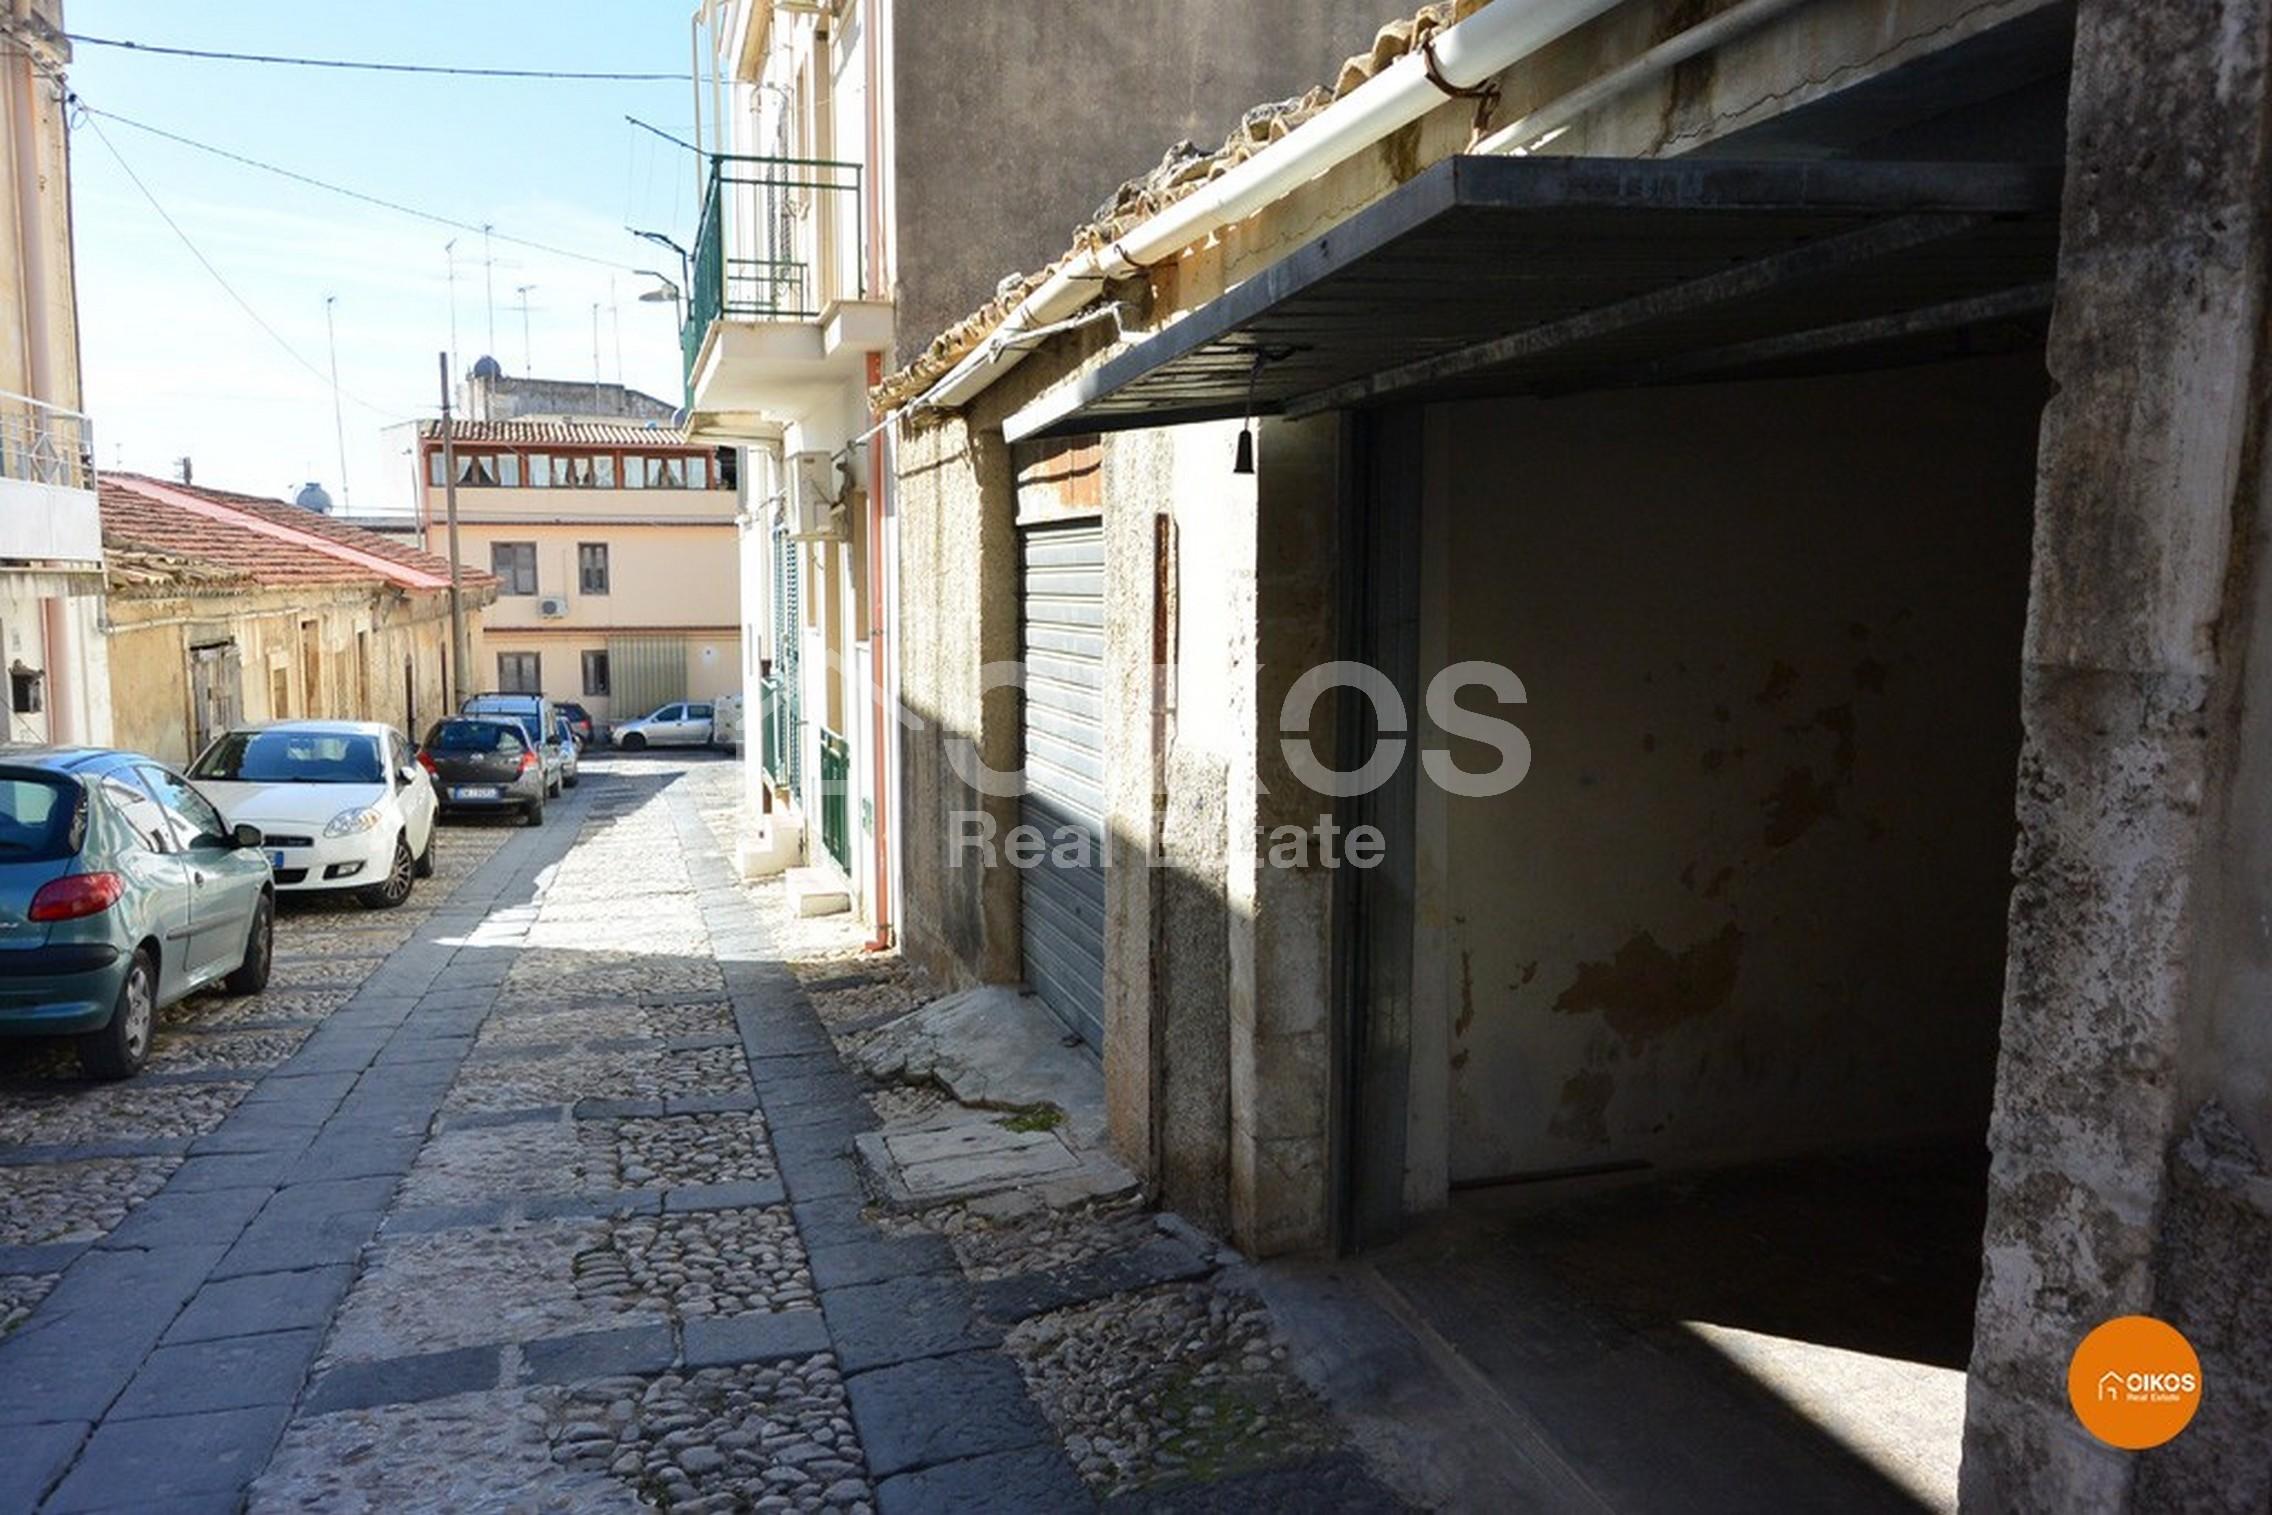 Garage Porta Ferdinandea